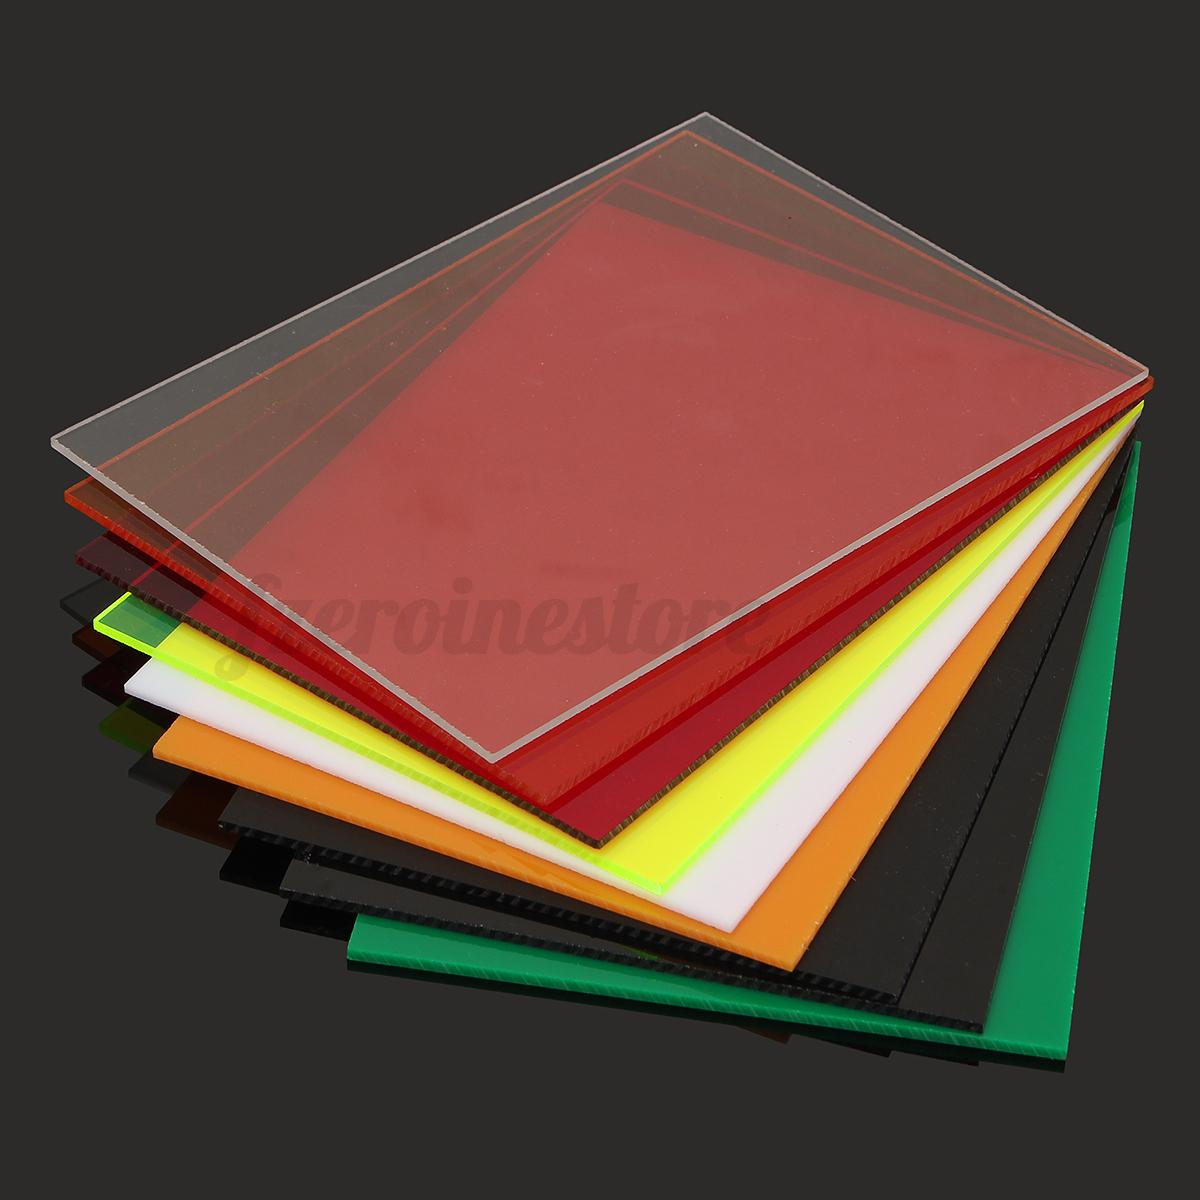 acrylglas plexiglass zuschnitt perspex platte scheibe bunt. Black Bedroom Furniture Sets. Home Design Ideas